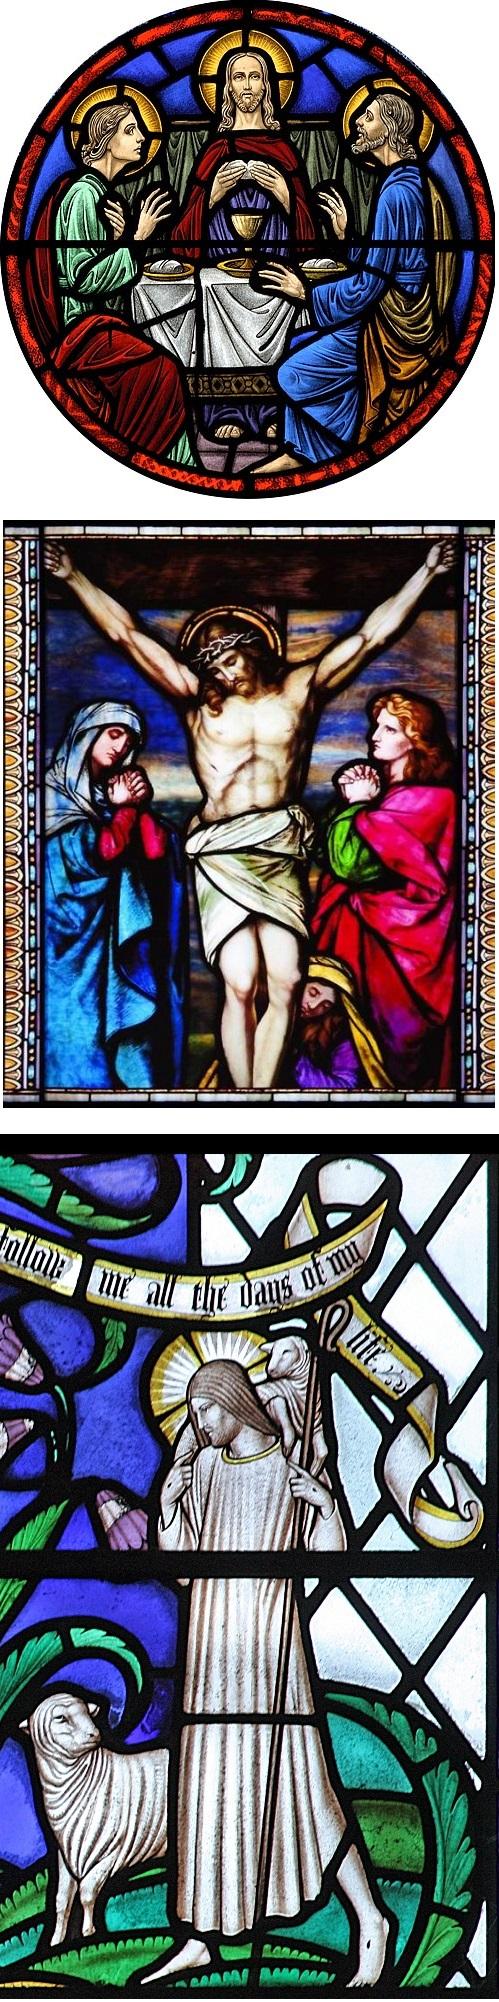 Funeral Sermon for John Heuchert / Friday June 7th 2013 - Image 2